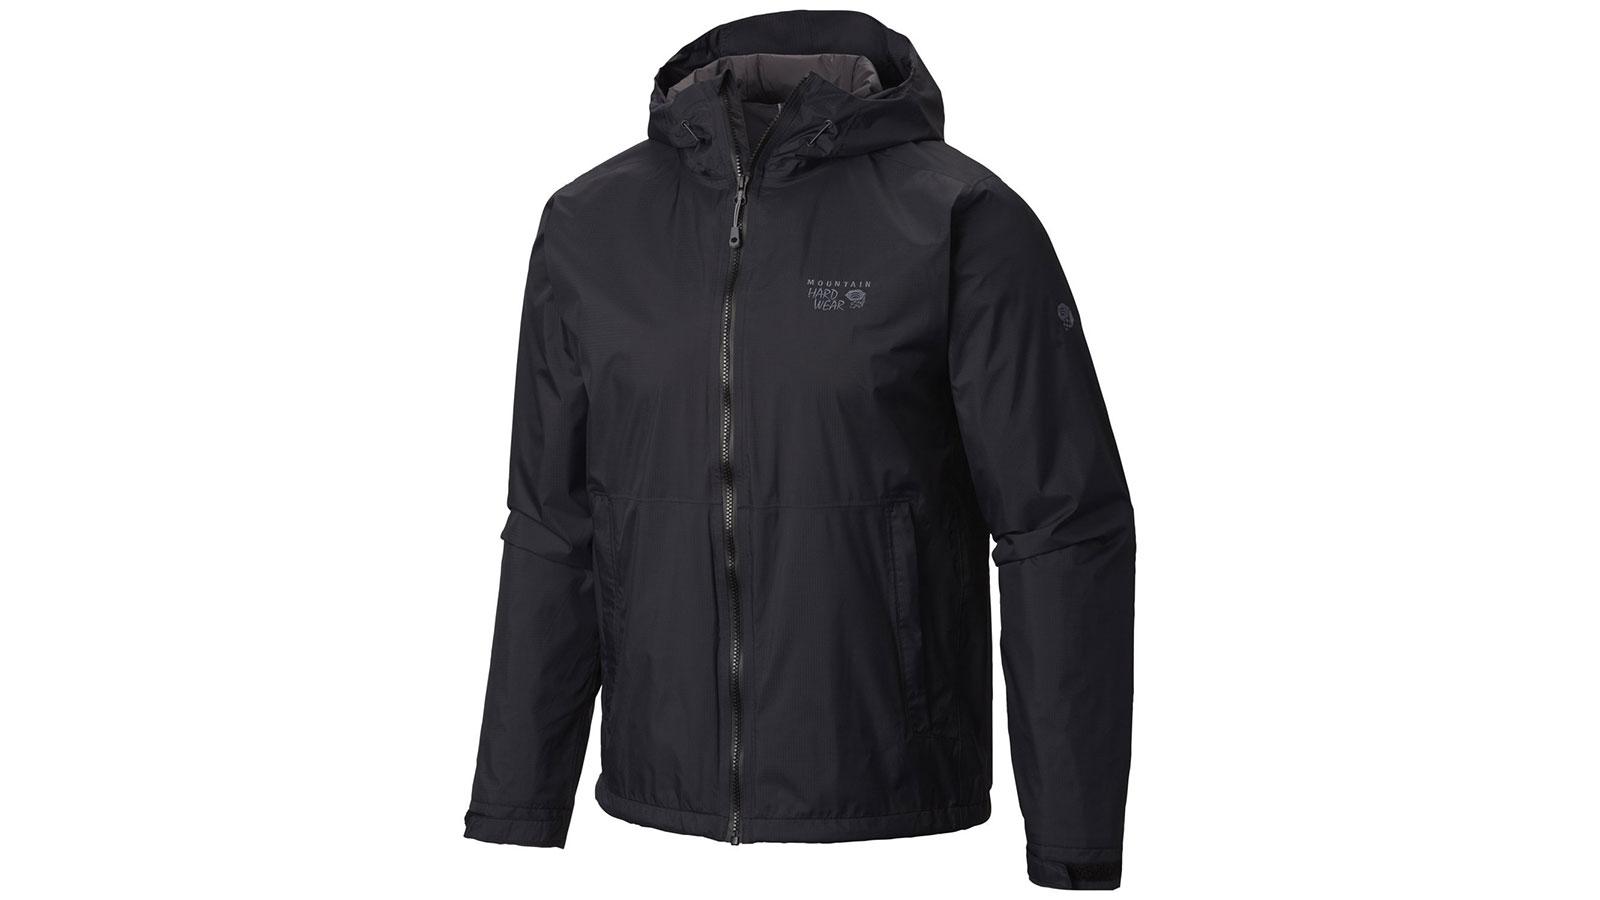 Mountain Hardwear Finder Men's Windbreaker Jacket   the best men's windbreakr jackets